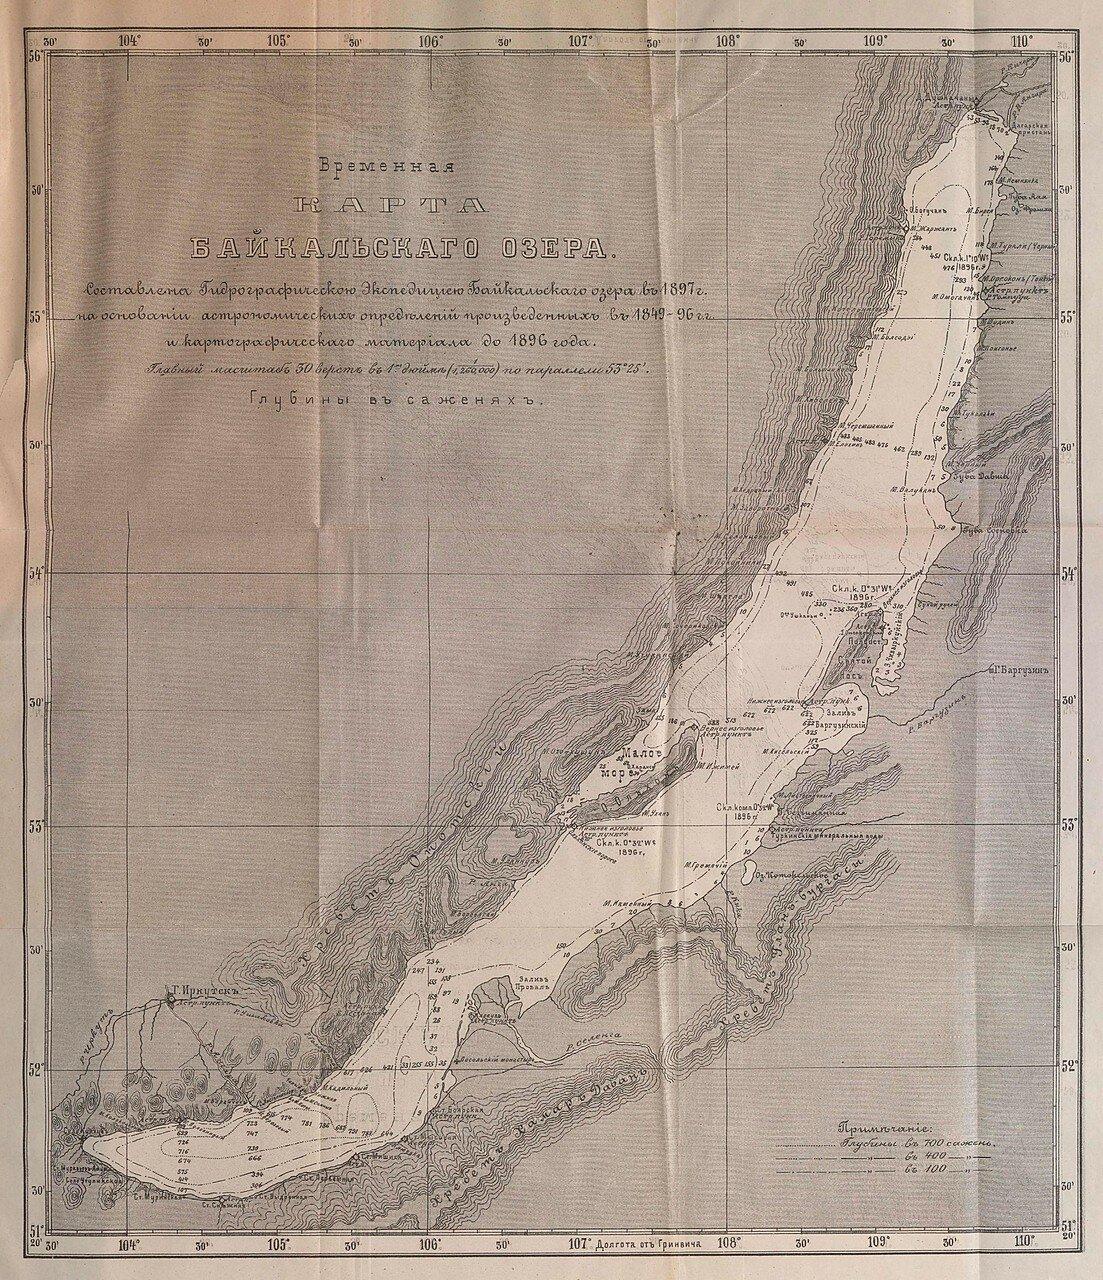 04. Временная карта Байкальского озера 1896 года